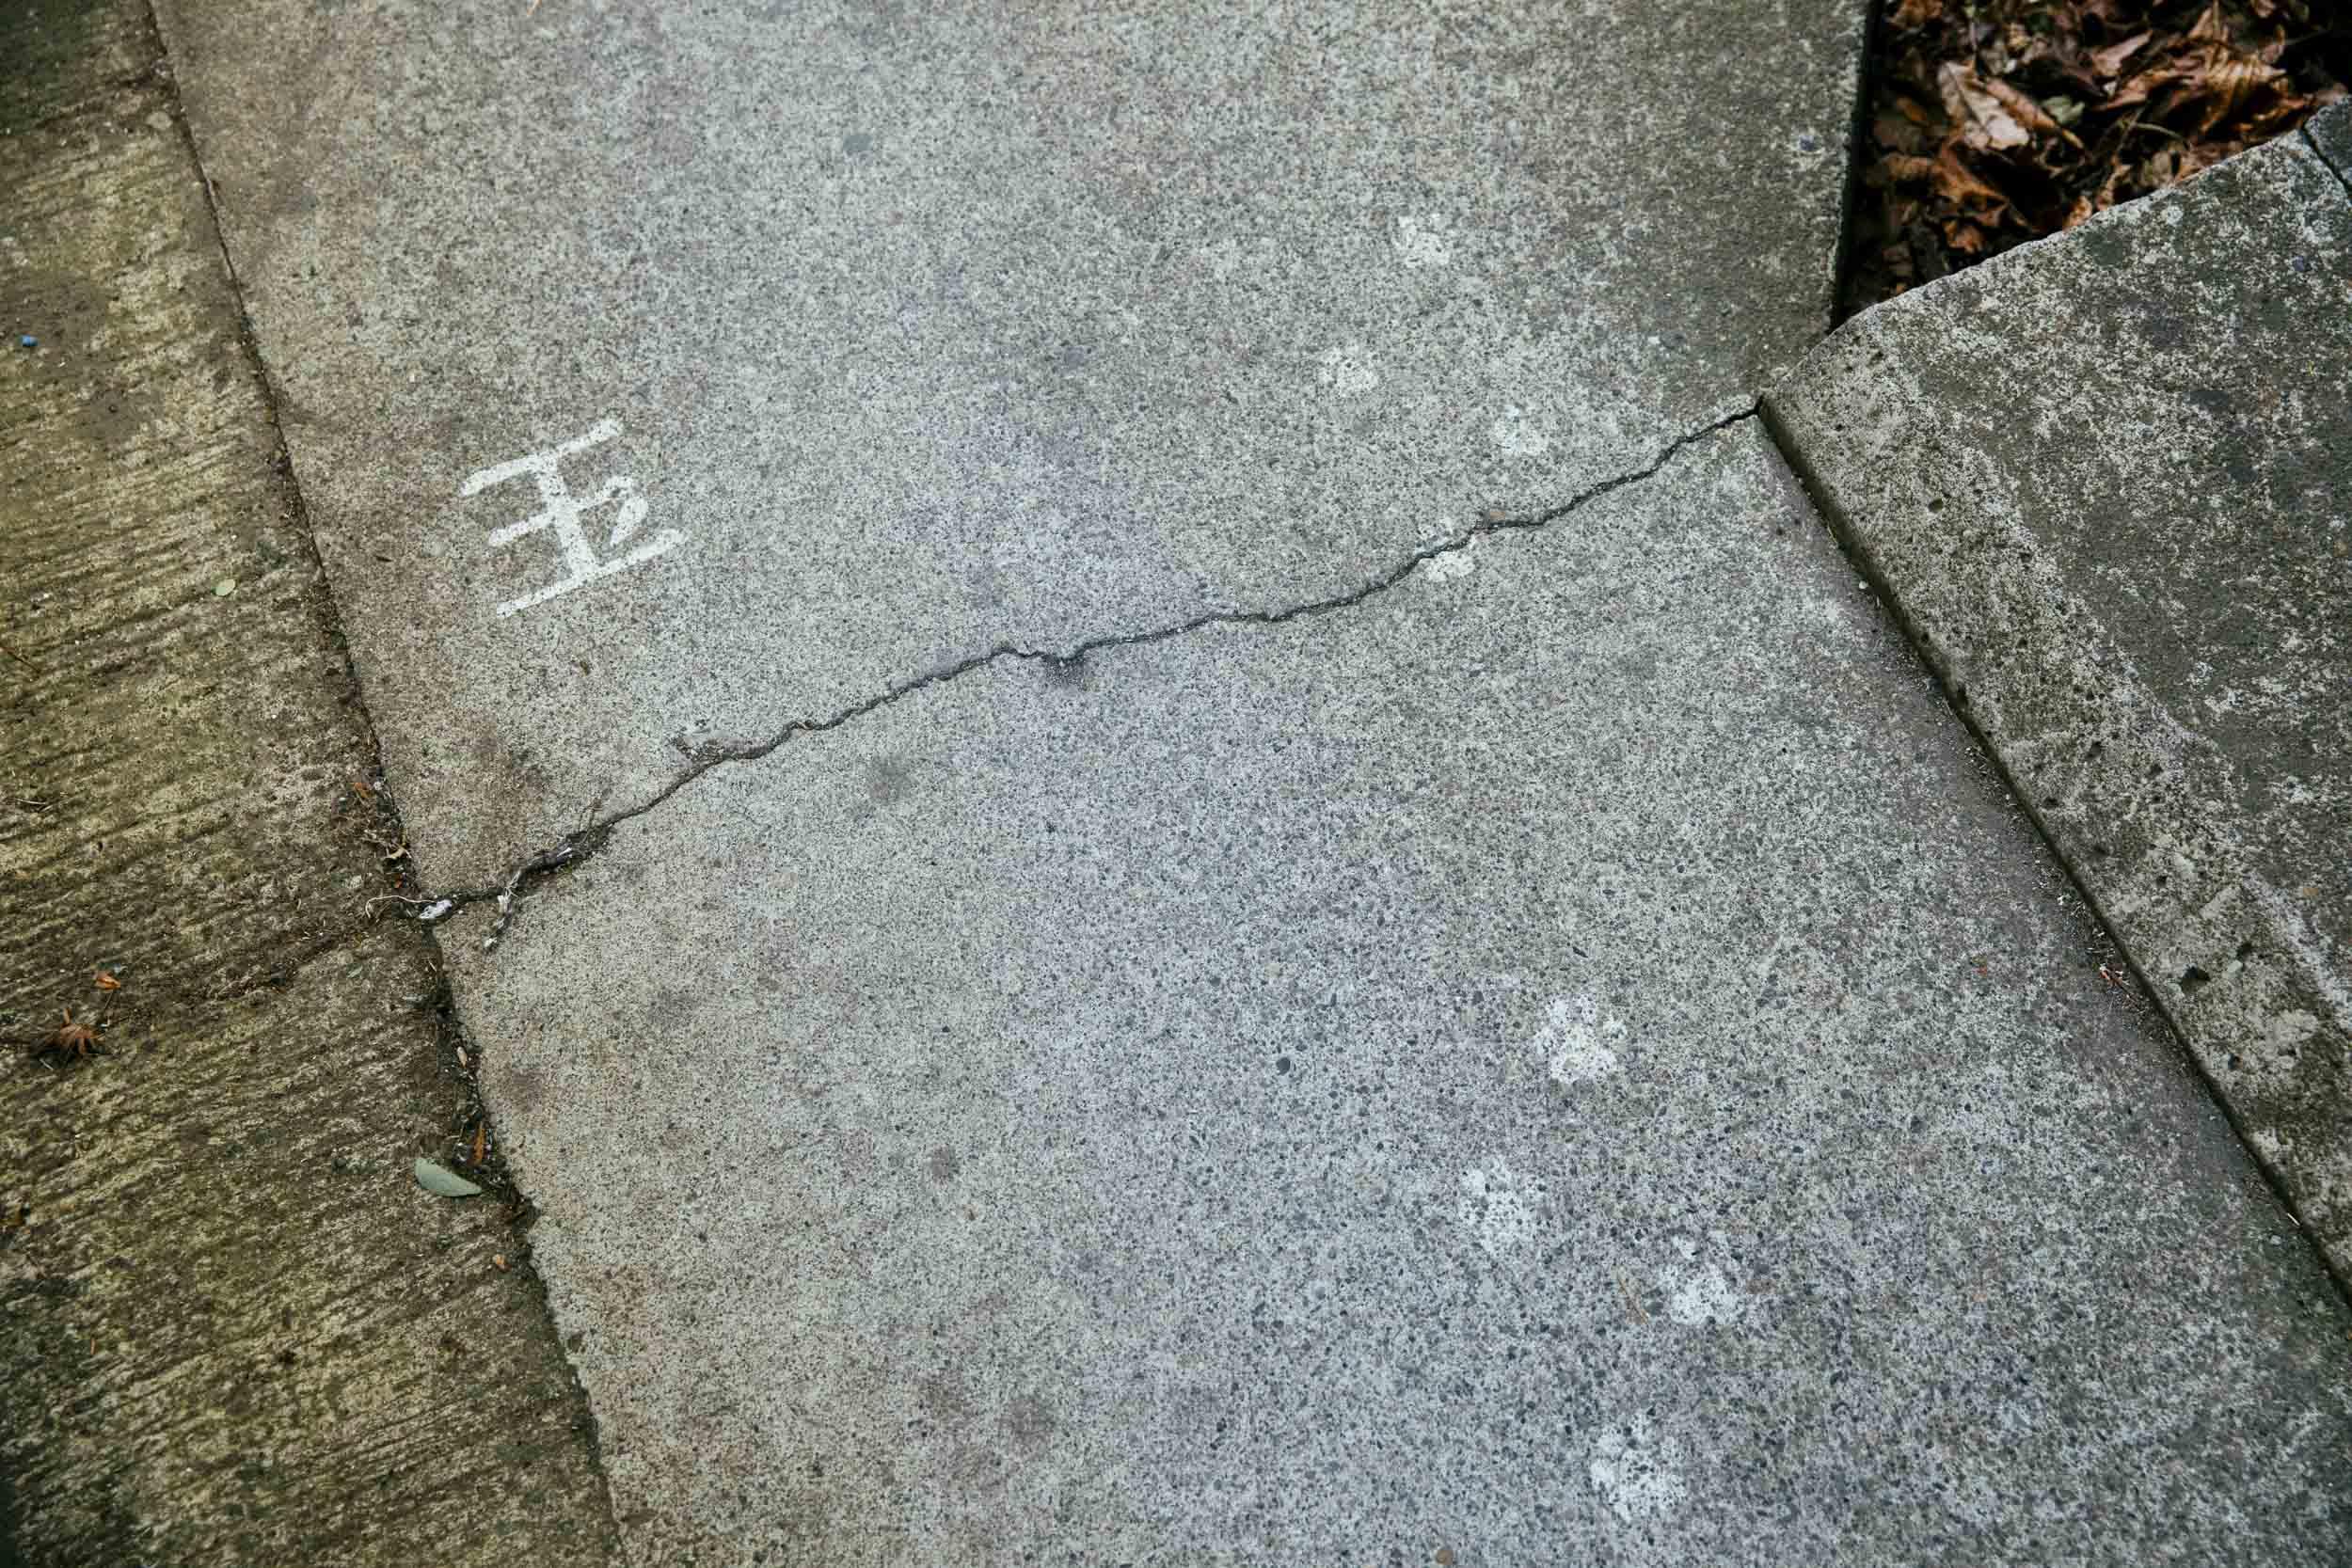 【フォトルポ#1】コムアイが行く!日光市今市の歩き方。スイカン×日光市発の無料映画上映会『名画ニッコウ座』間もなく開催 180307-meiga-nikko-za-16